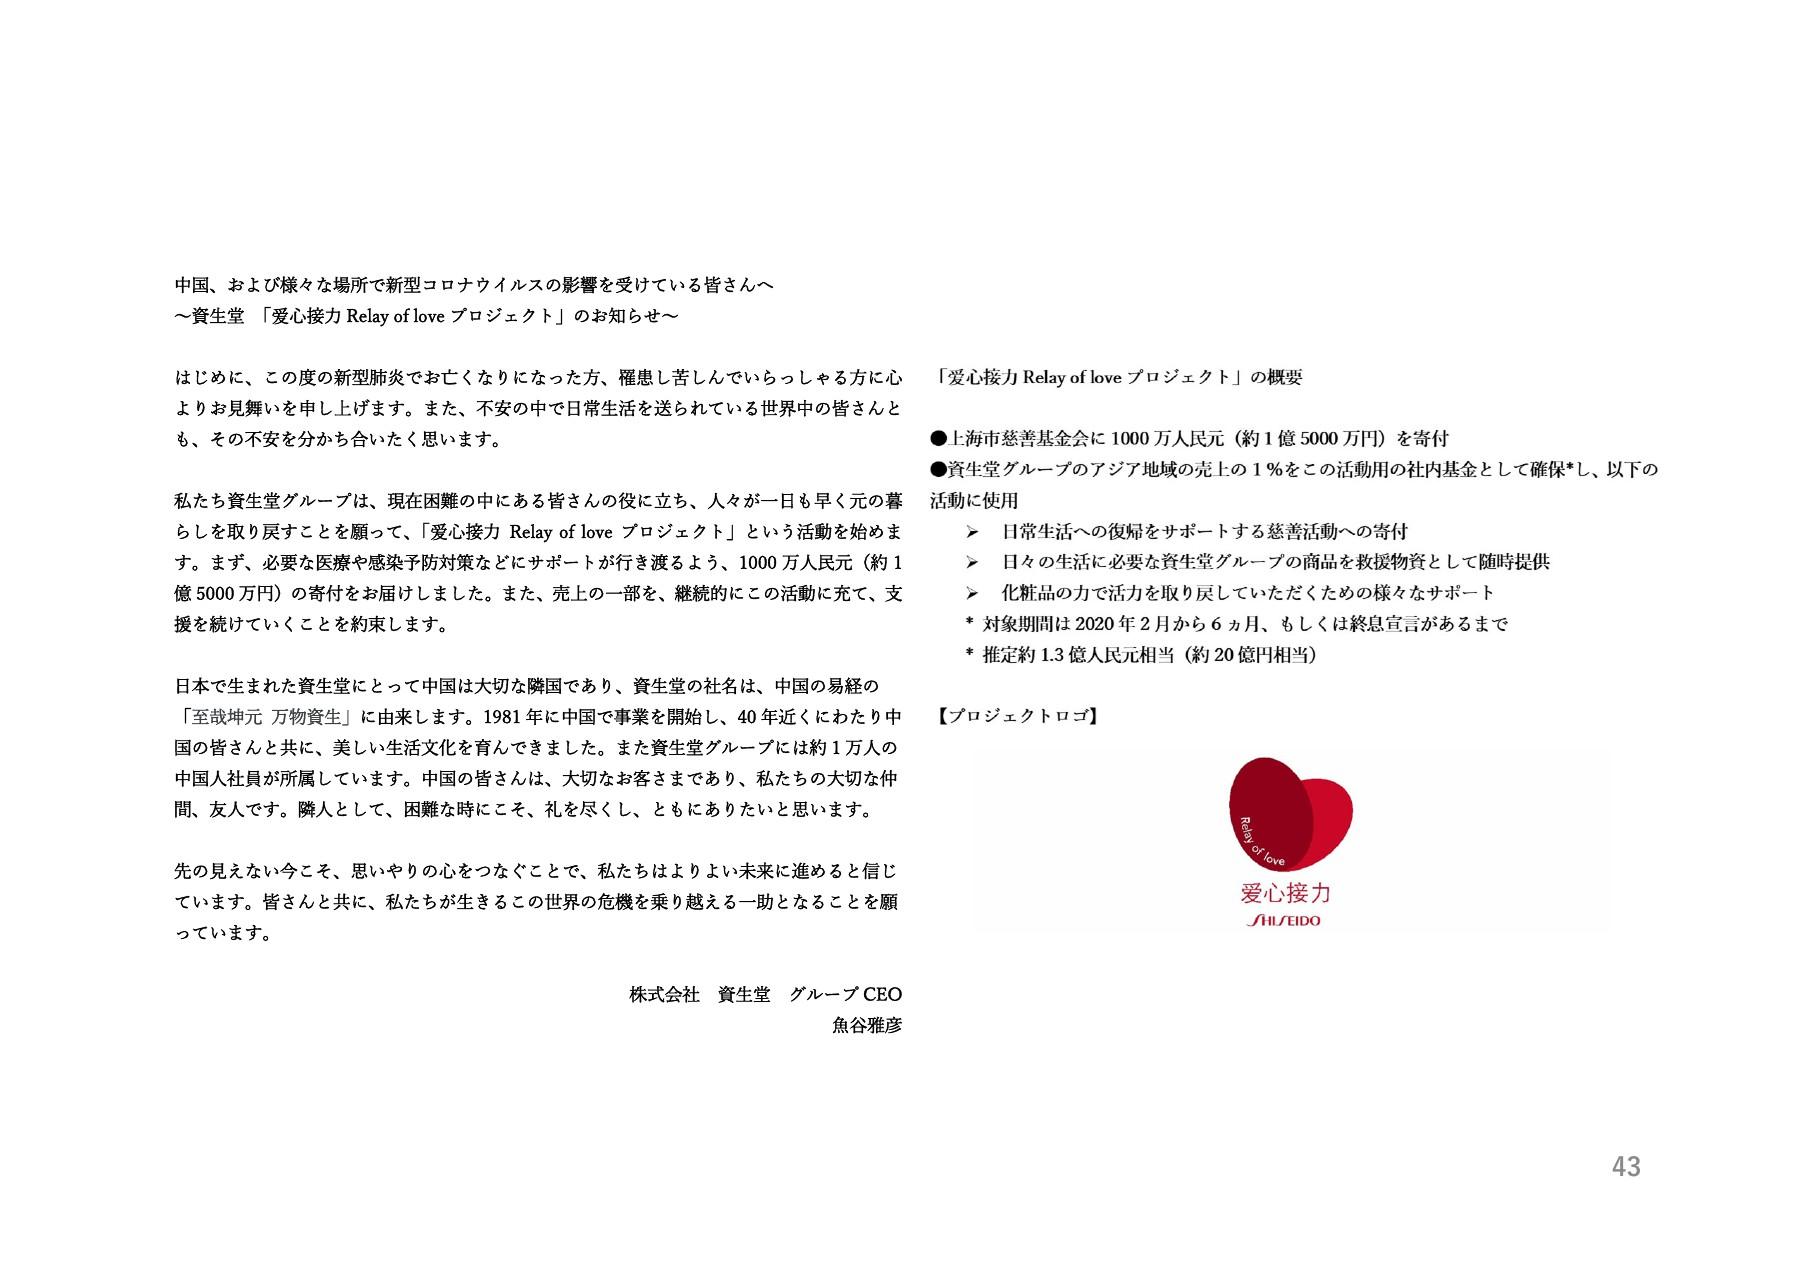 資生堂 コロナ ウイルス